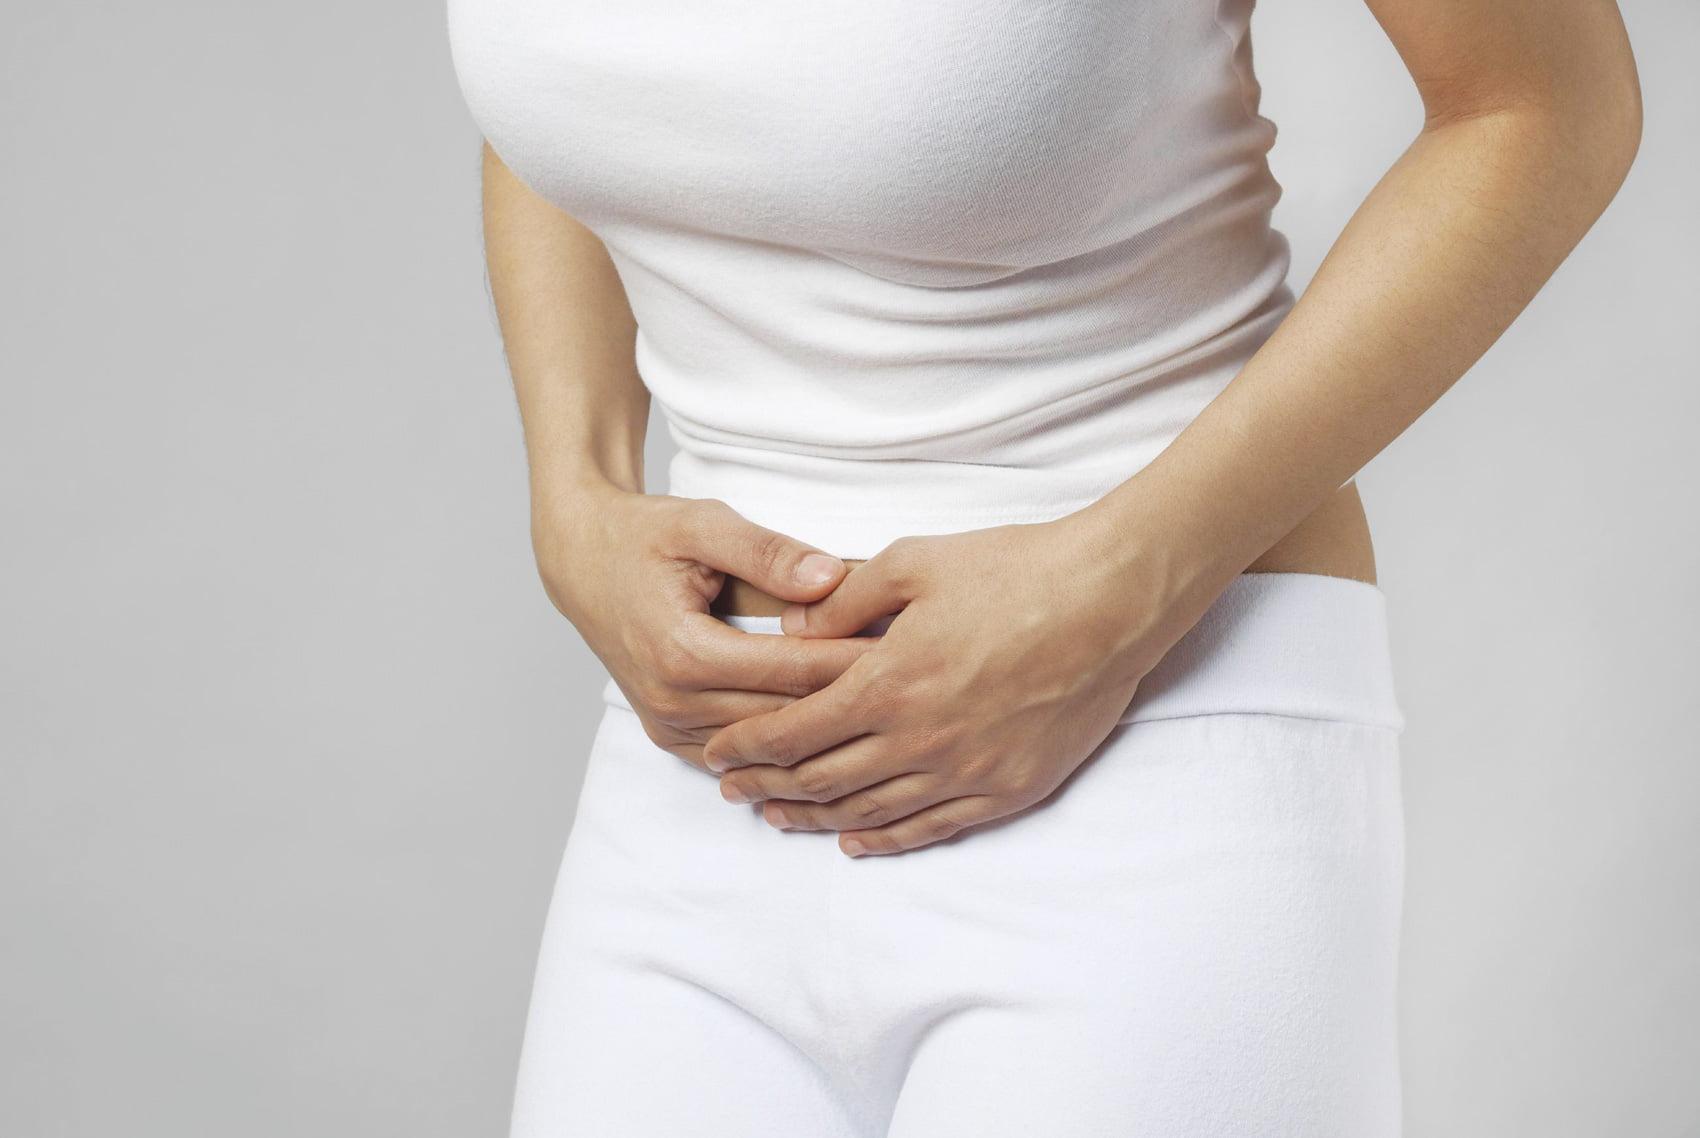 Туберкулез мочеполовой системы у женщин и мужчин: симптомы